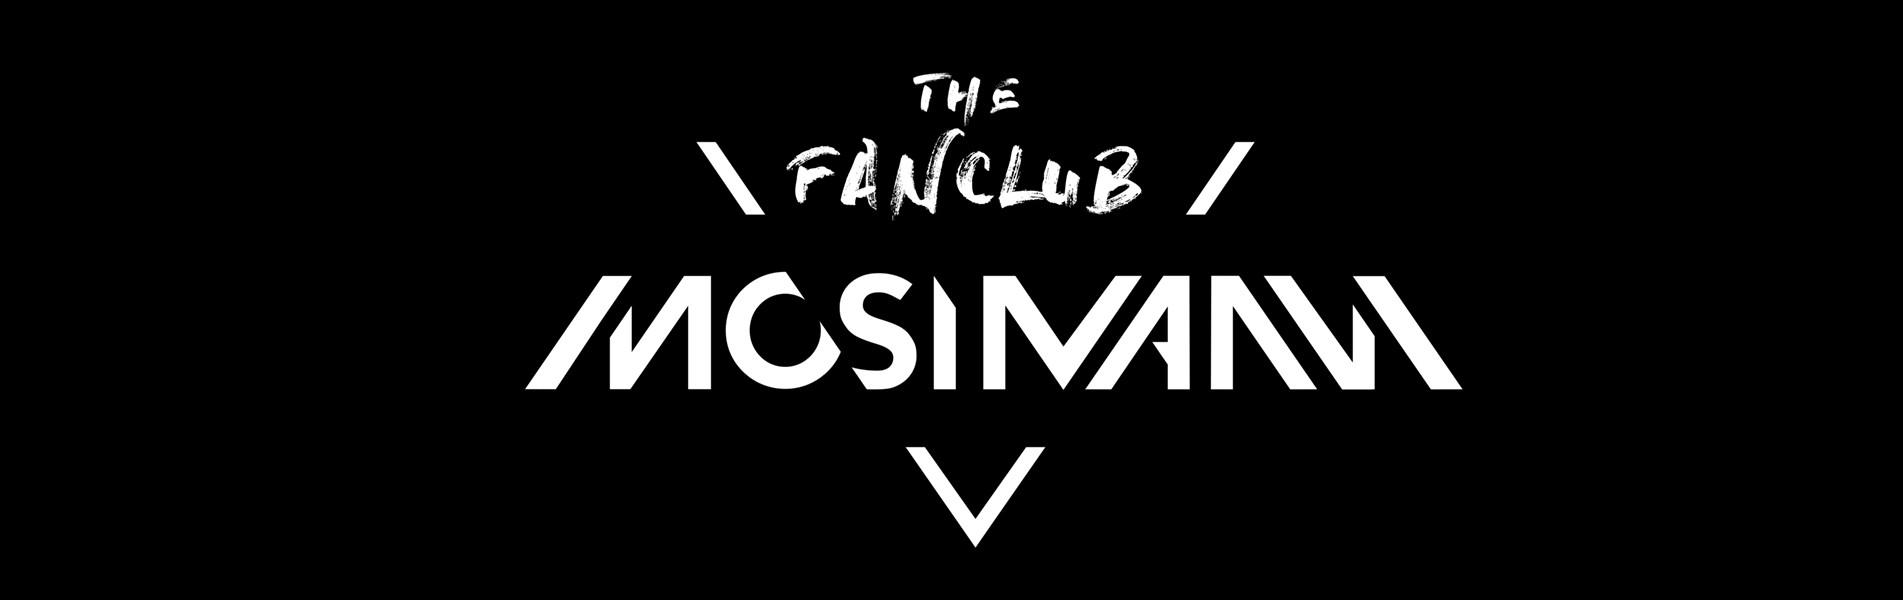 MOSIMANN FANCLUB